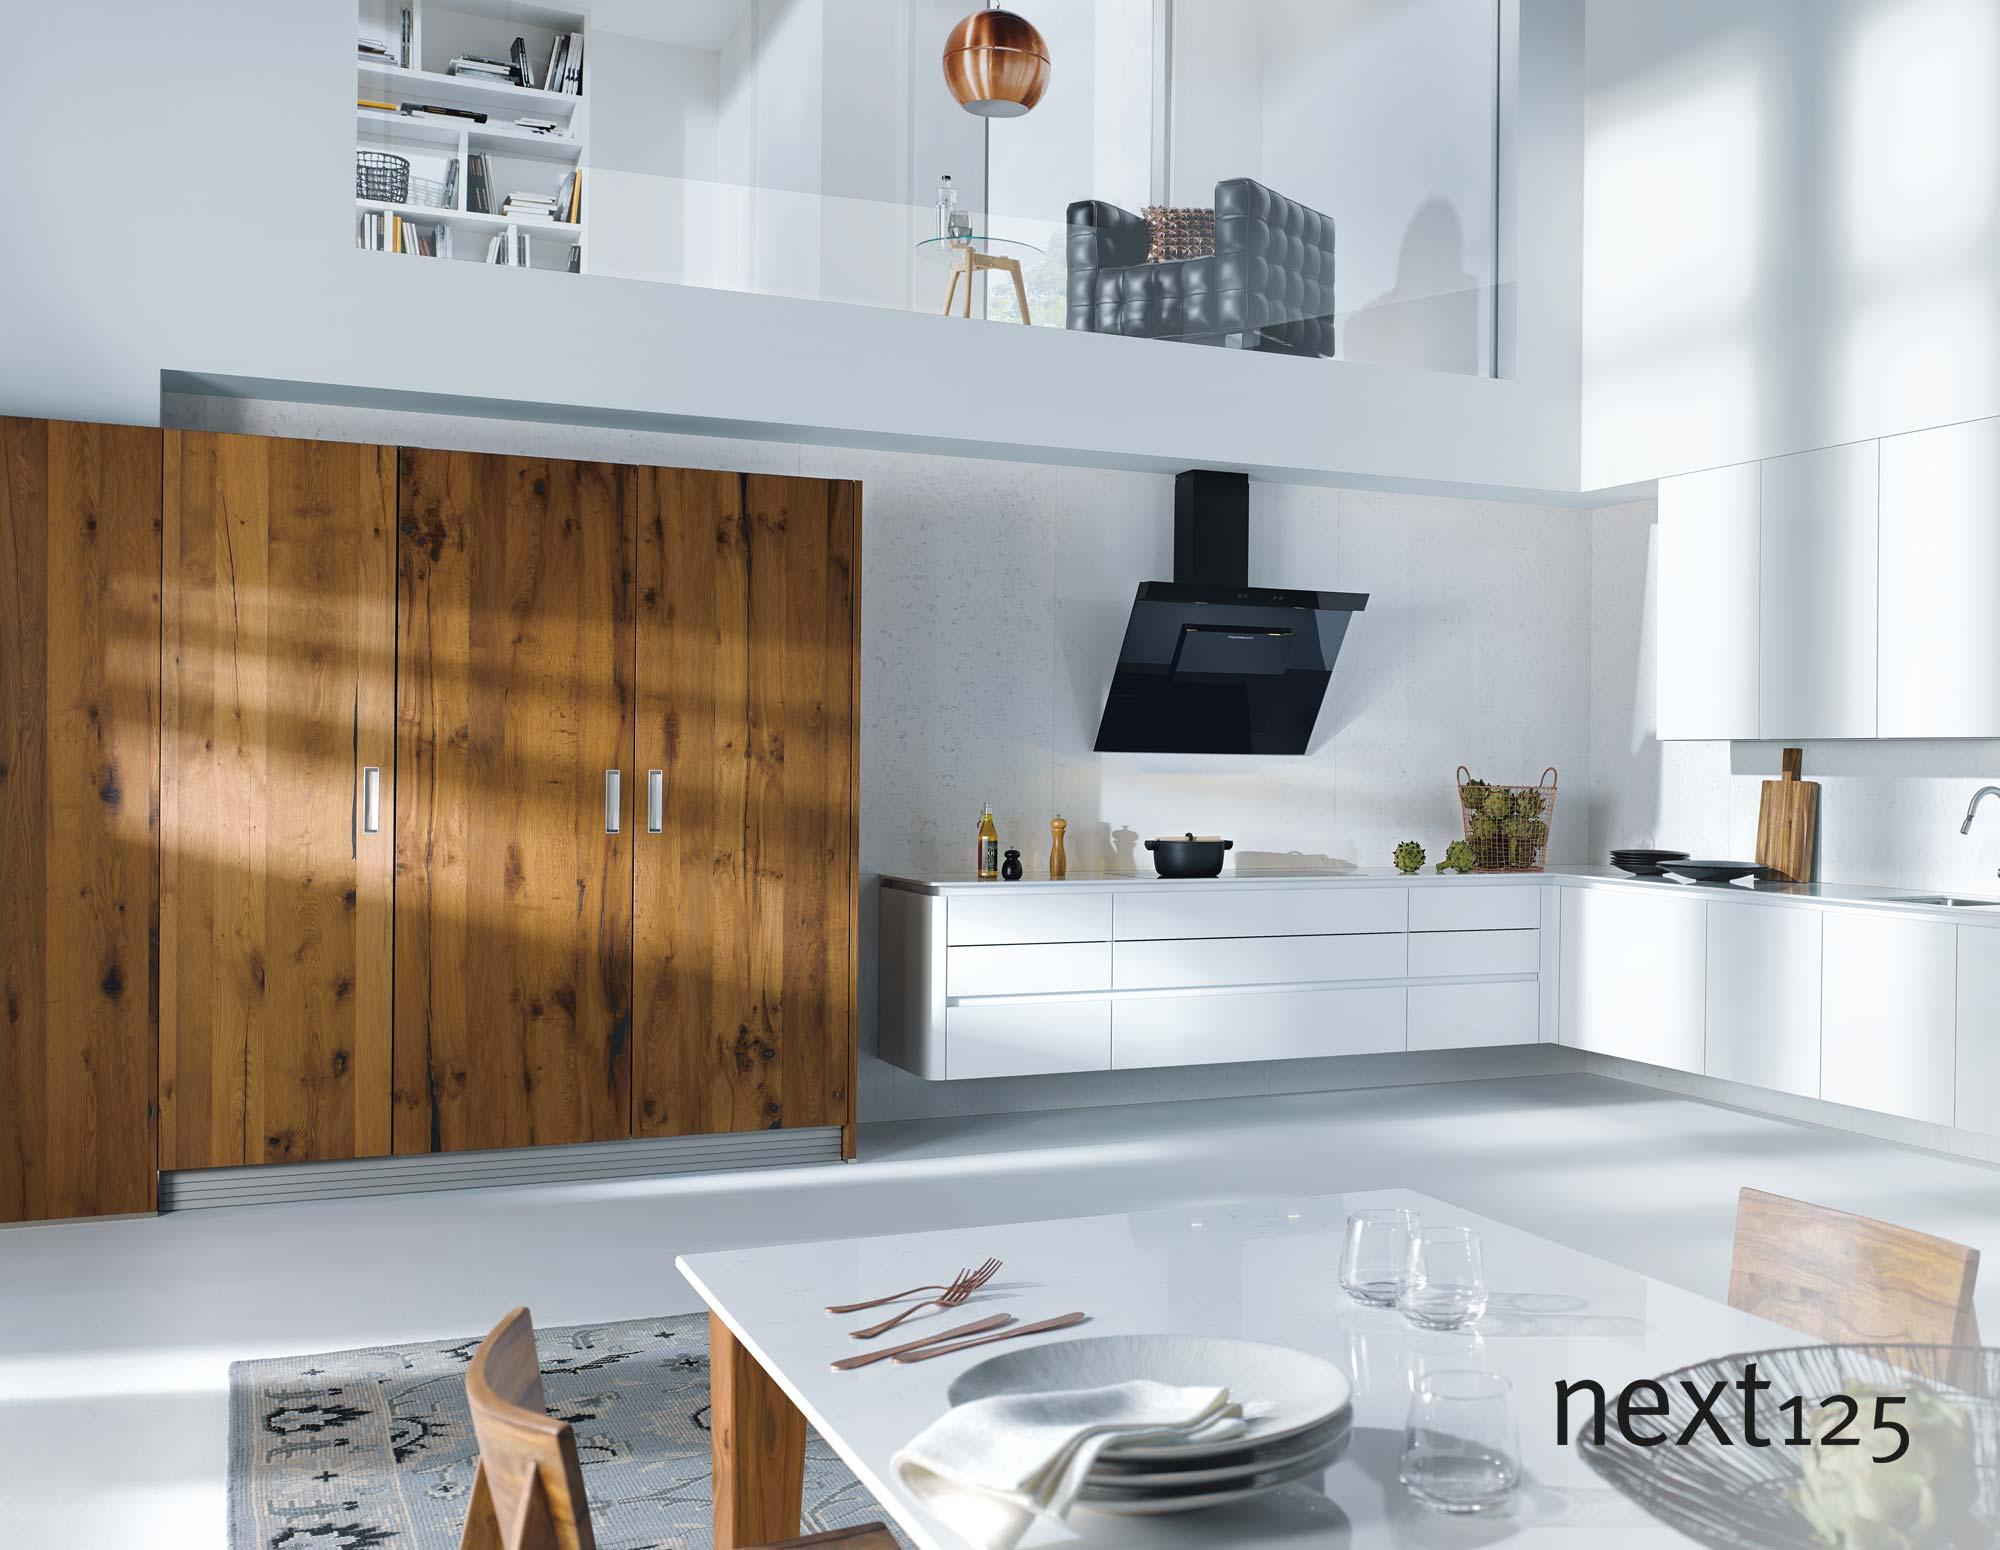 Full Size of Unterschränke Küche Ikea Unterschränke Küche Weiß Schmale Unterschränke Küche Unterschränke Küche Schubladen Küche Unterschränke Küche